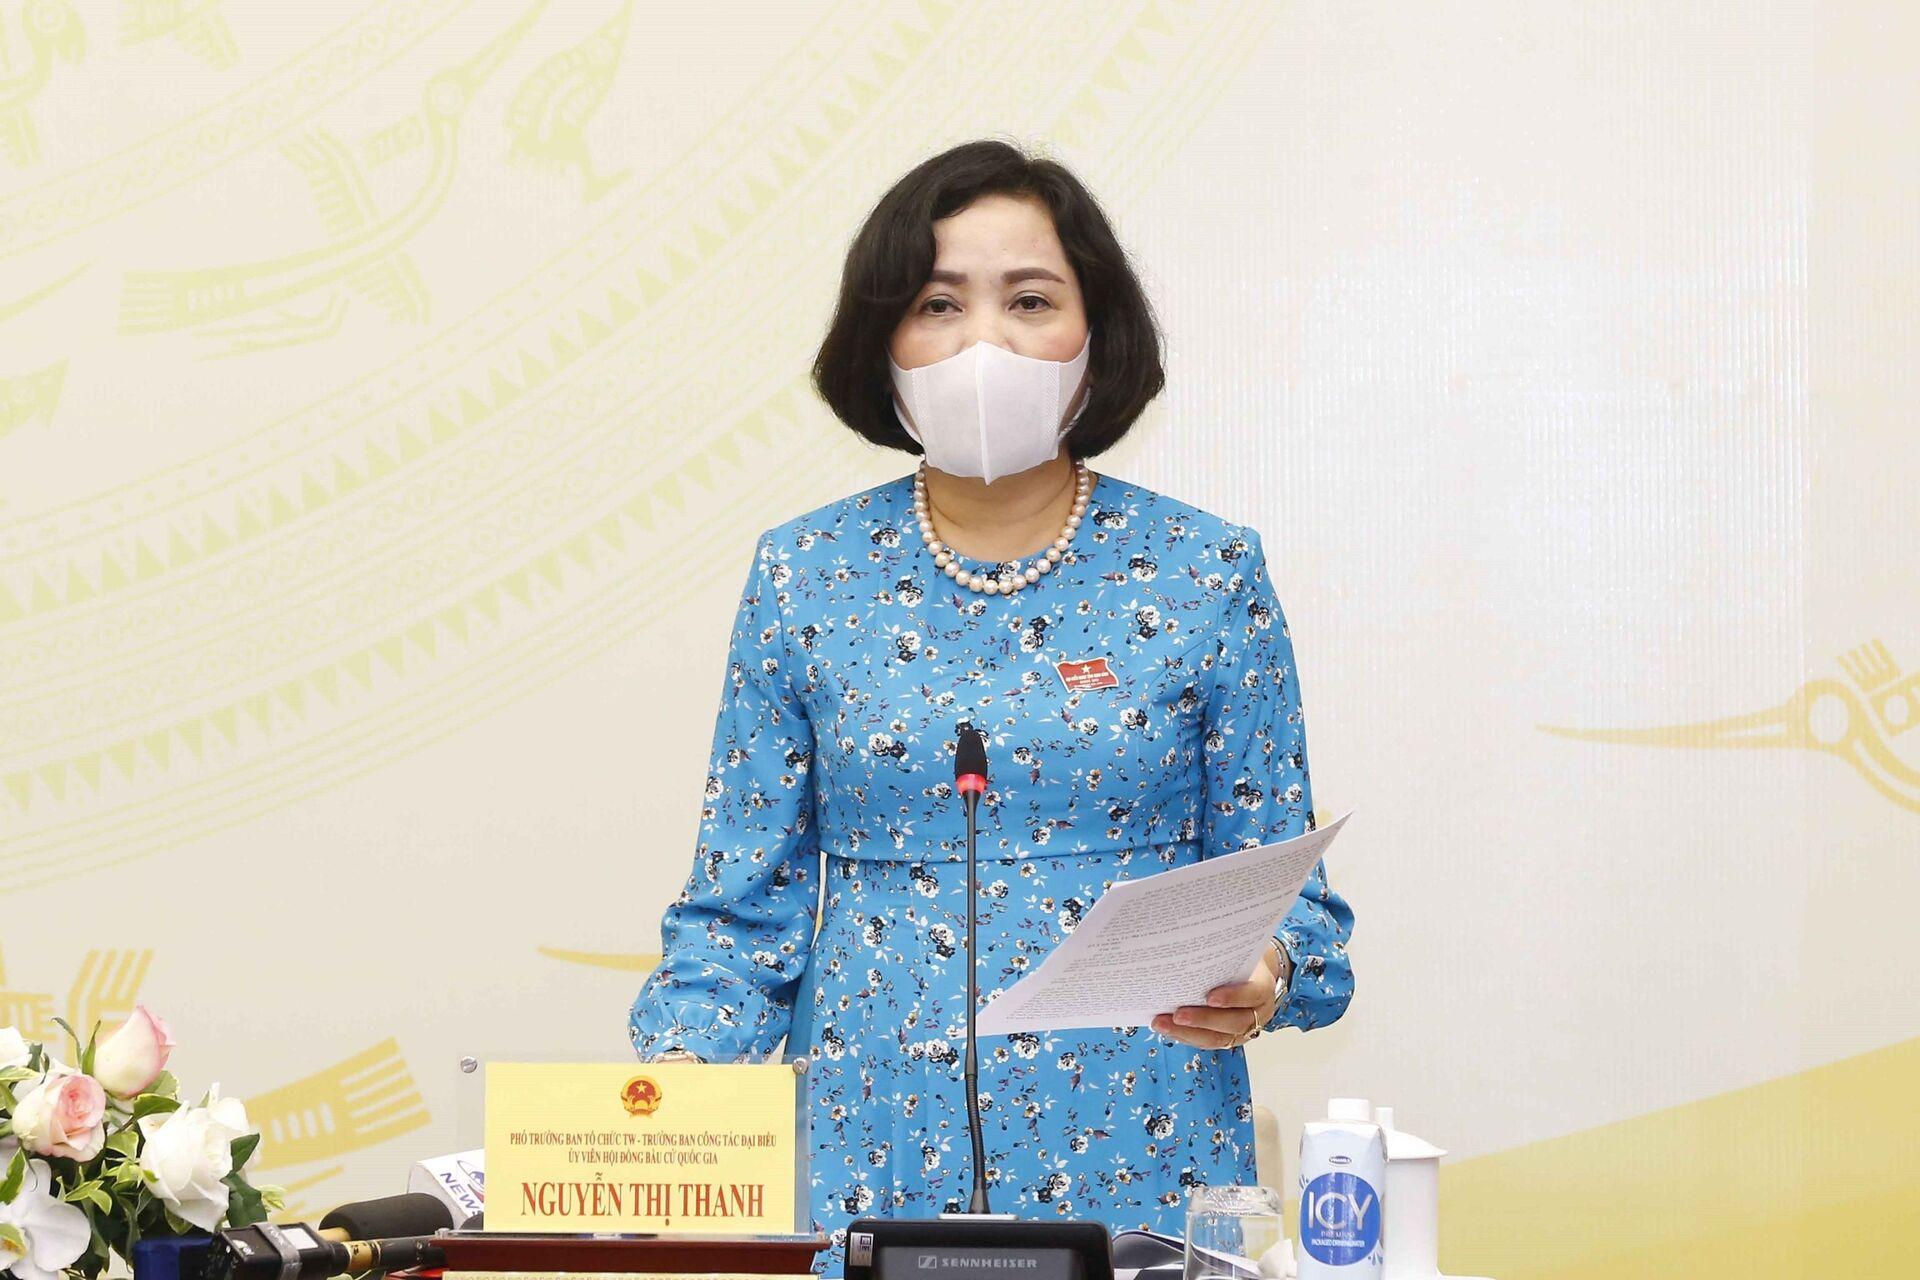 Việt Nam: Bầu cử Quốc hội khóa XV trong tâm dịch COVID-19 - Sputnik Việt Nam, 1920, 21.05.2021